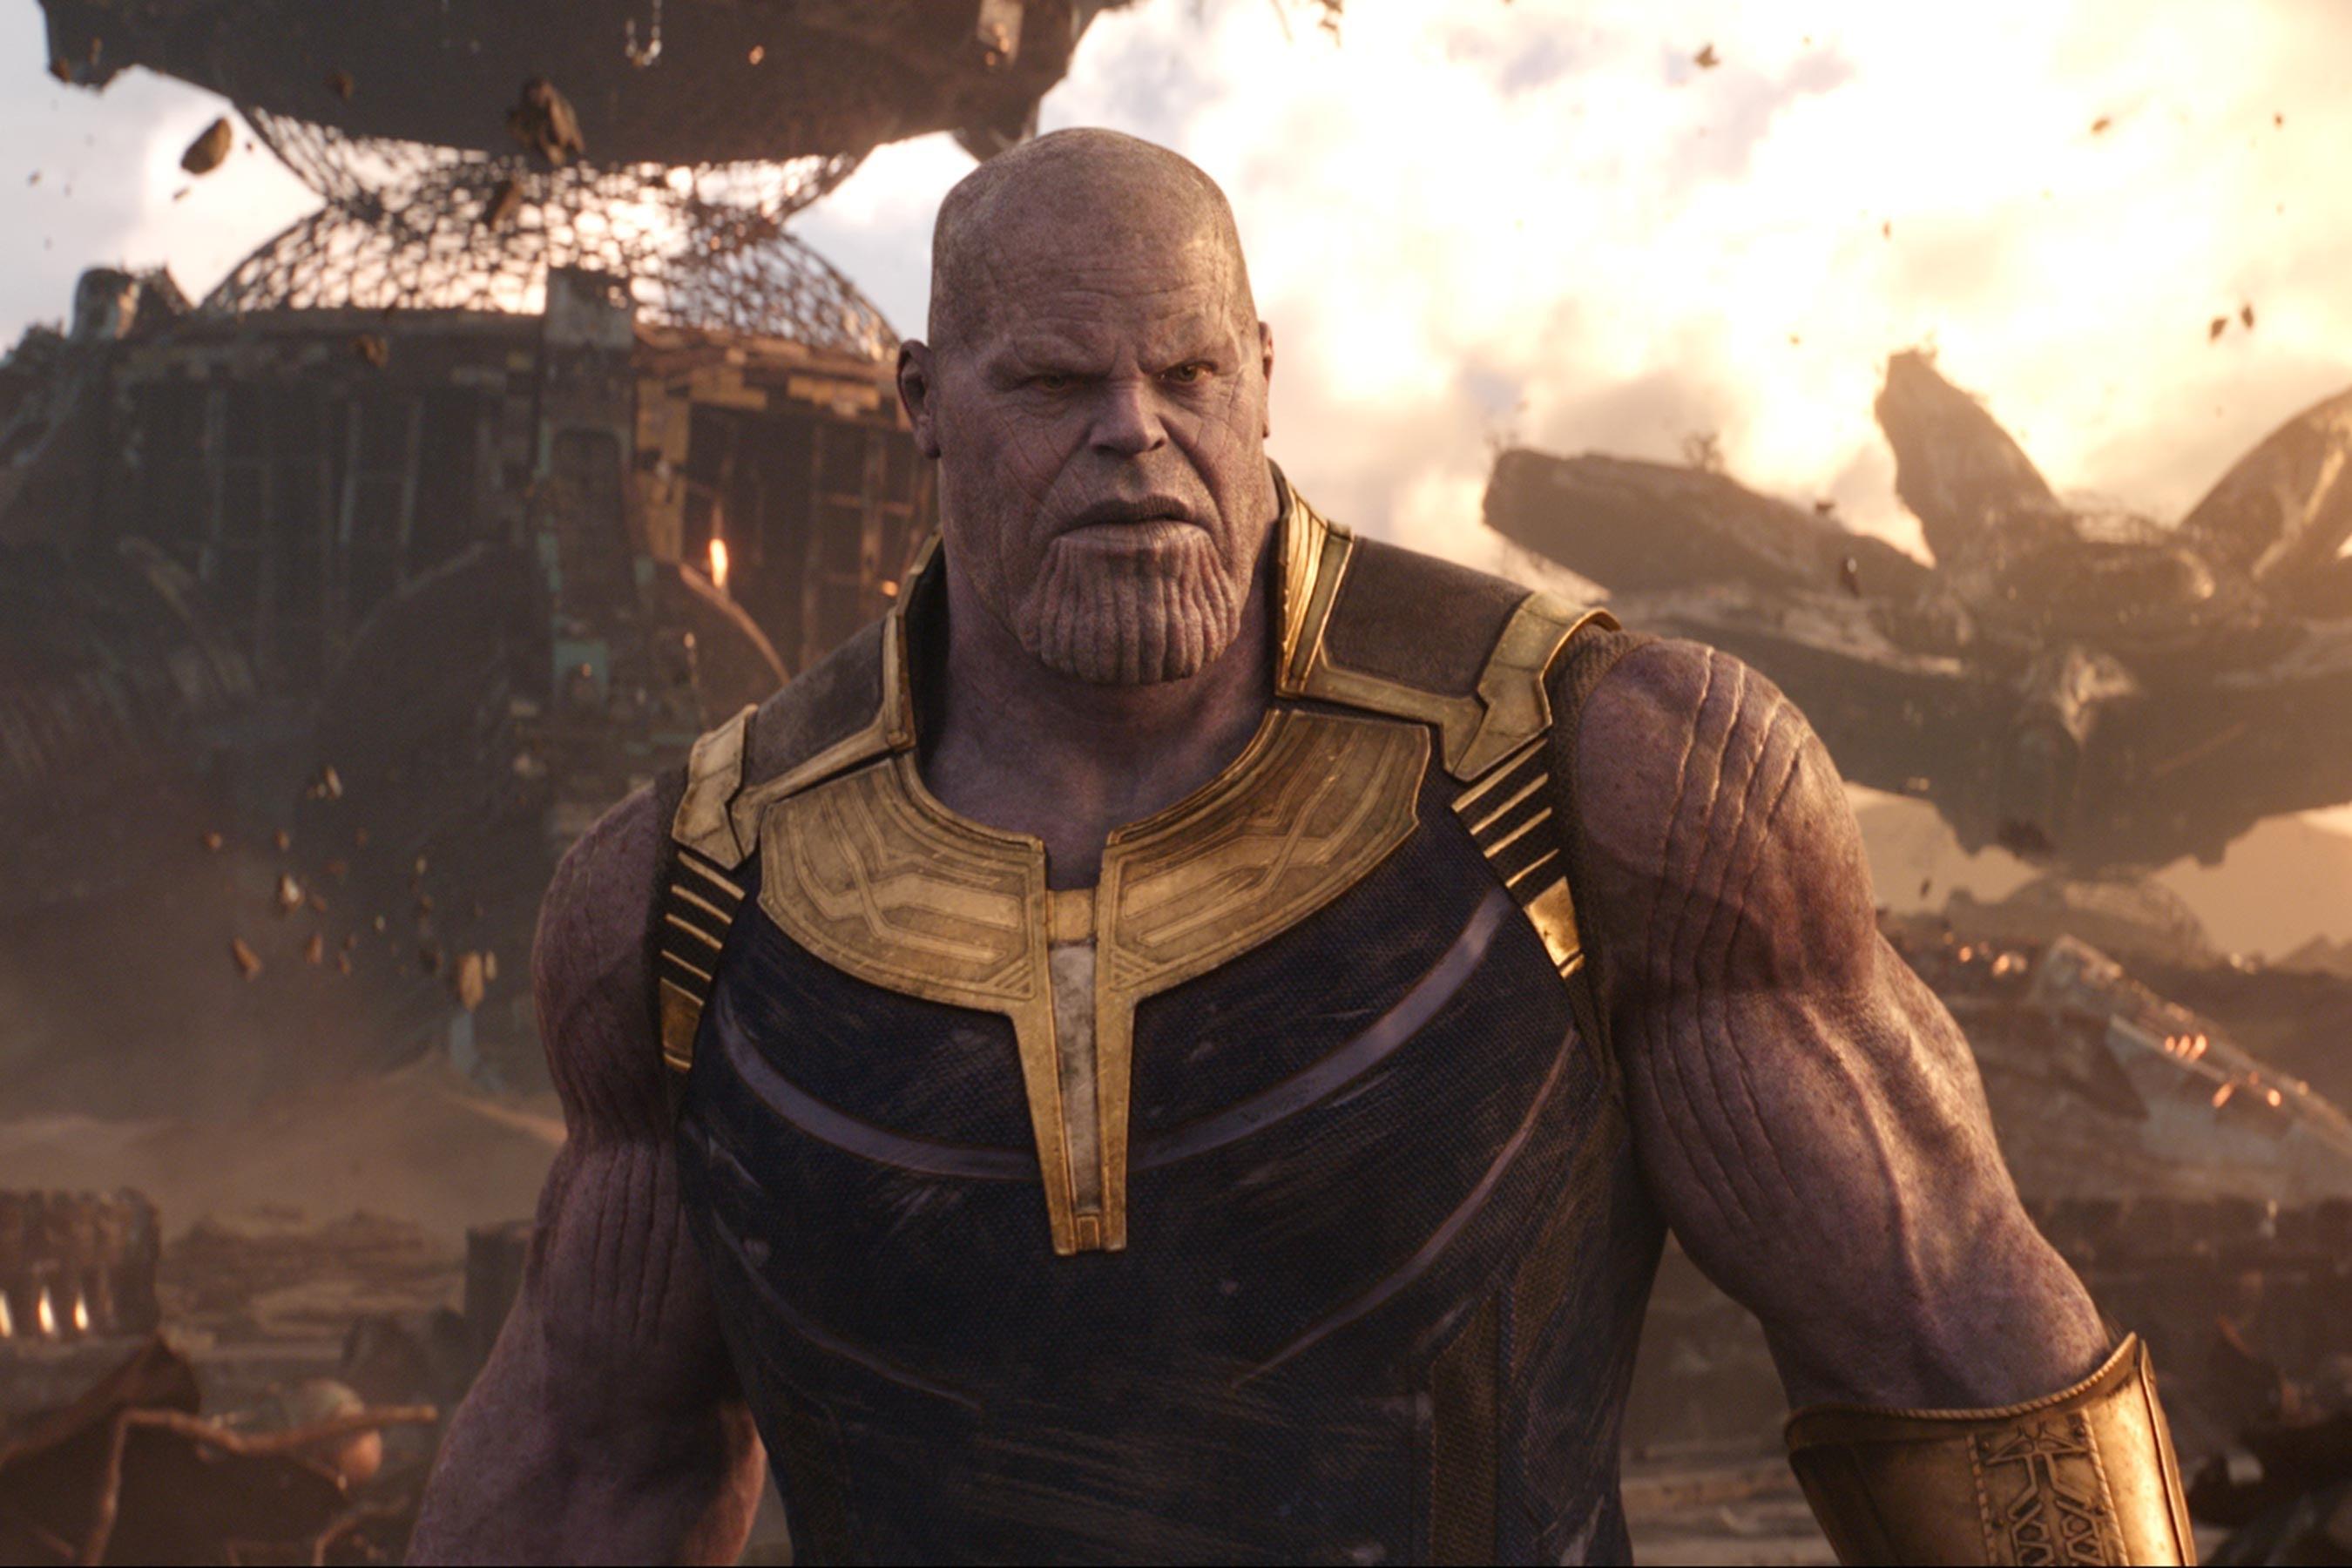 """Don't Stop Thanos Now :「ボヘミアン・ラプソディ」が全米で大ヒットのクイーンの名曲にあわせて、サノスの大暴れをまとめた「アベンジャーズ : インフィニティ・ウォー」のトリビュート・ビデオ """" Don't Stop Thanos Now """" ! !"""